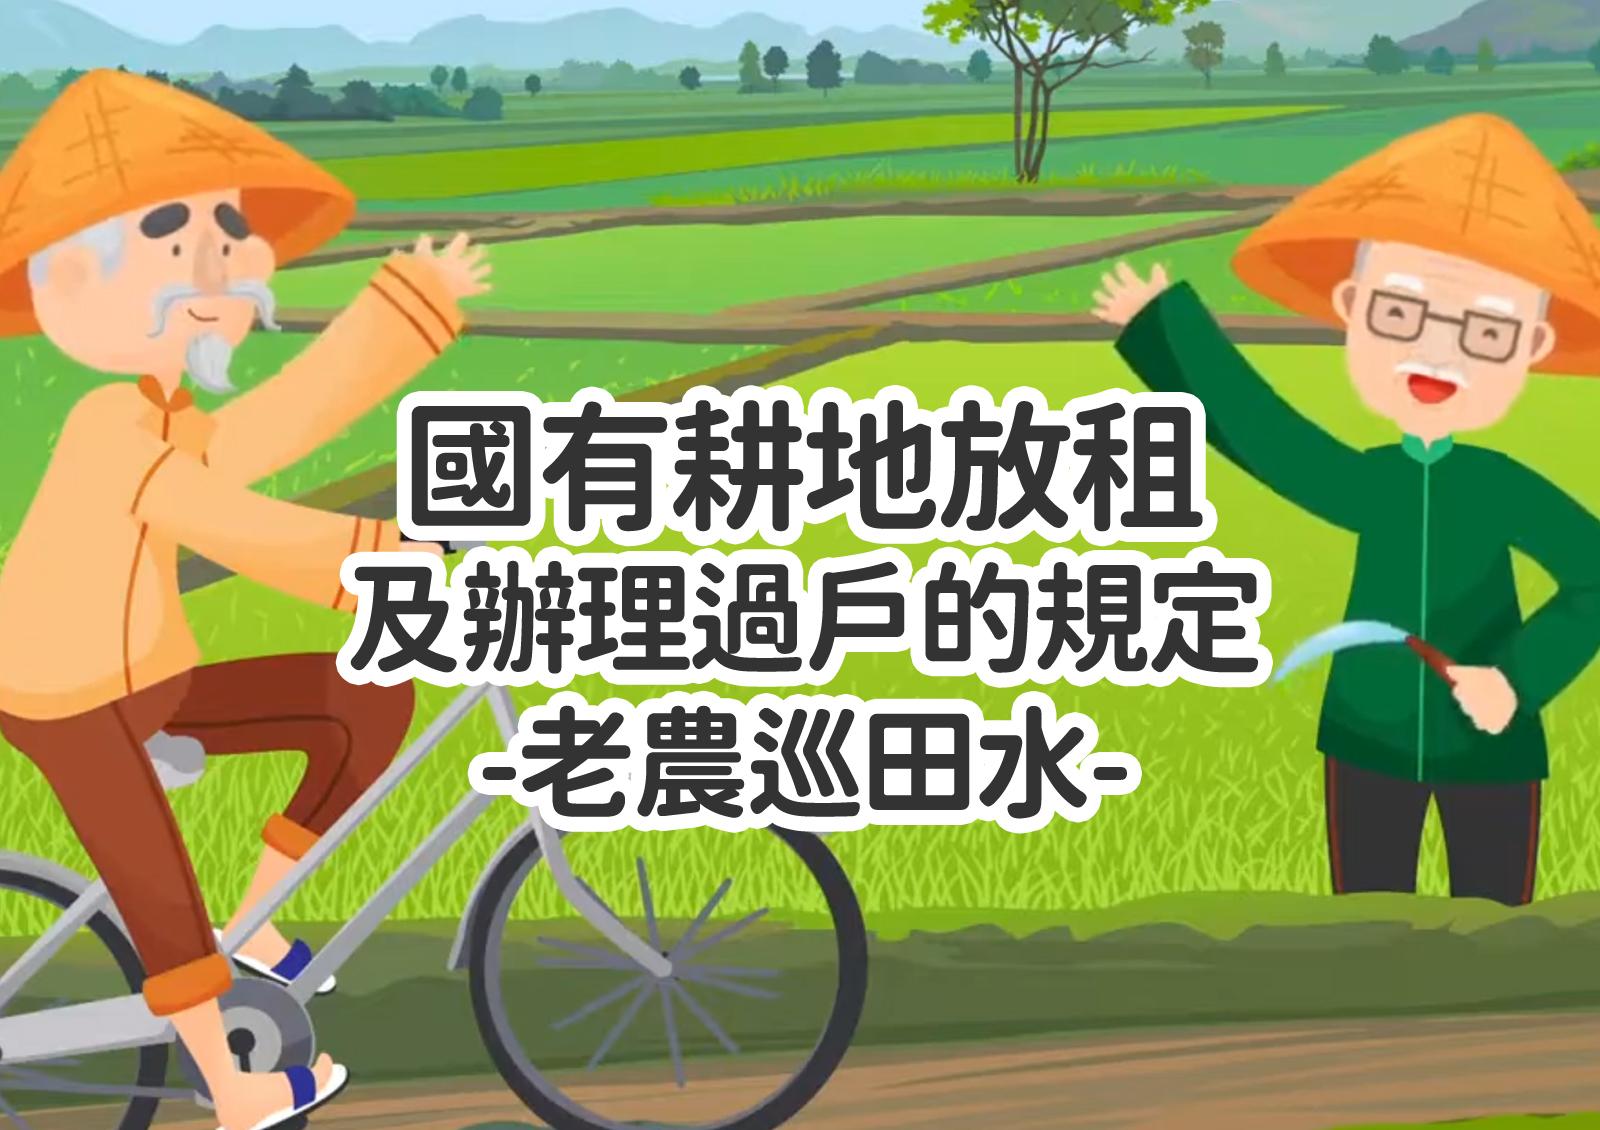 國有耕地放租及辦理過戶的規定